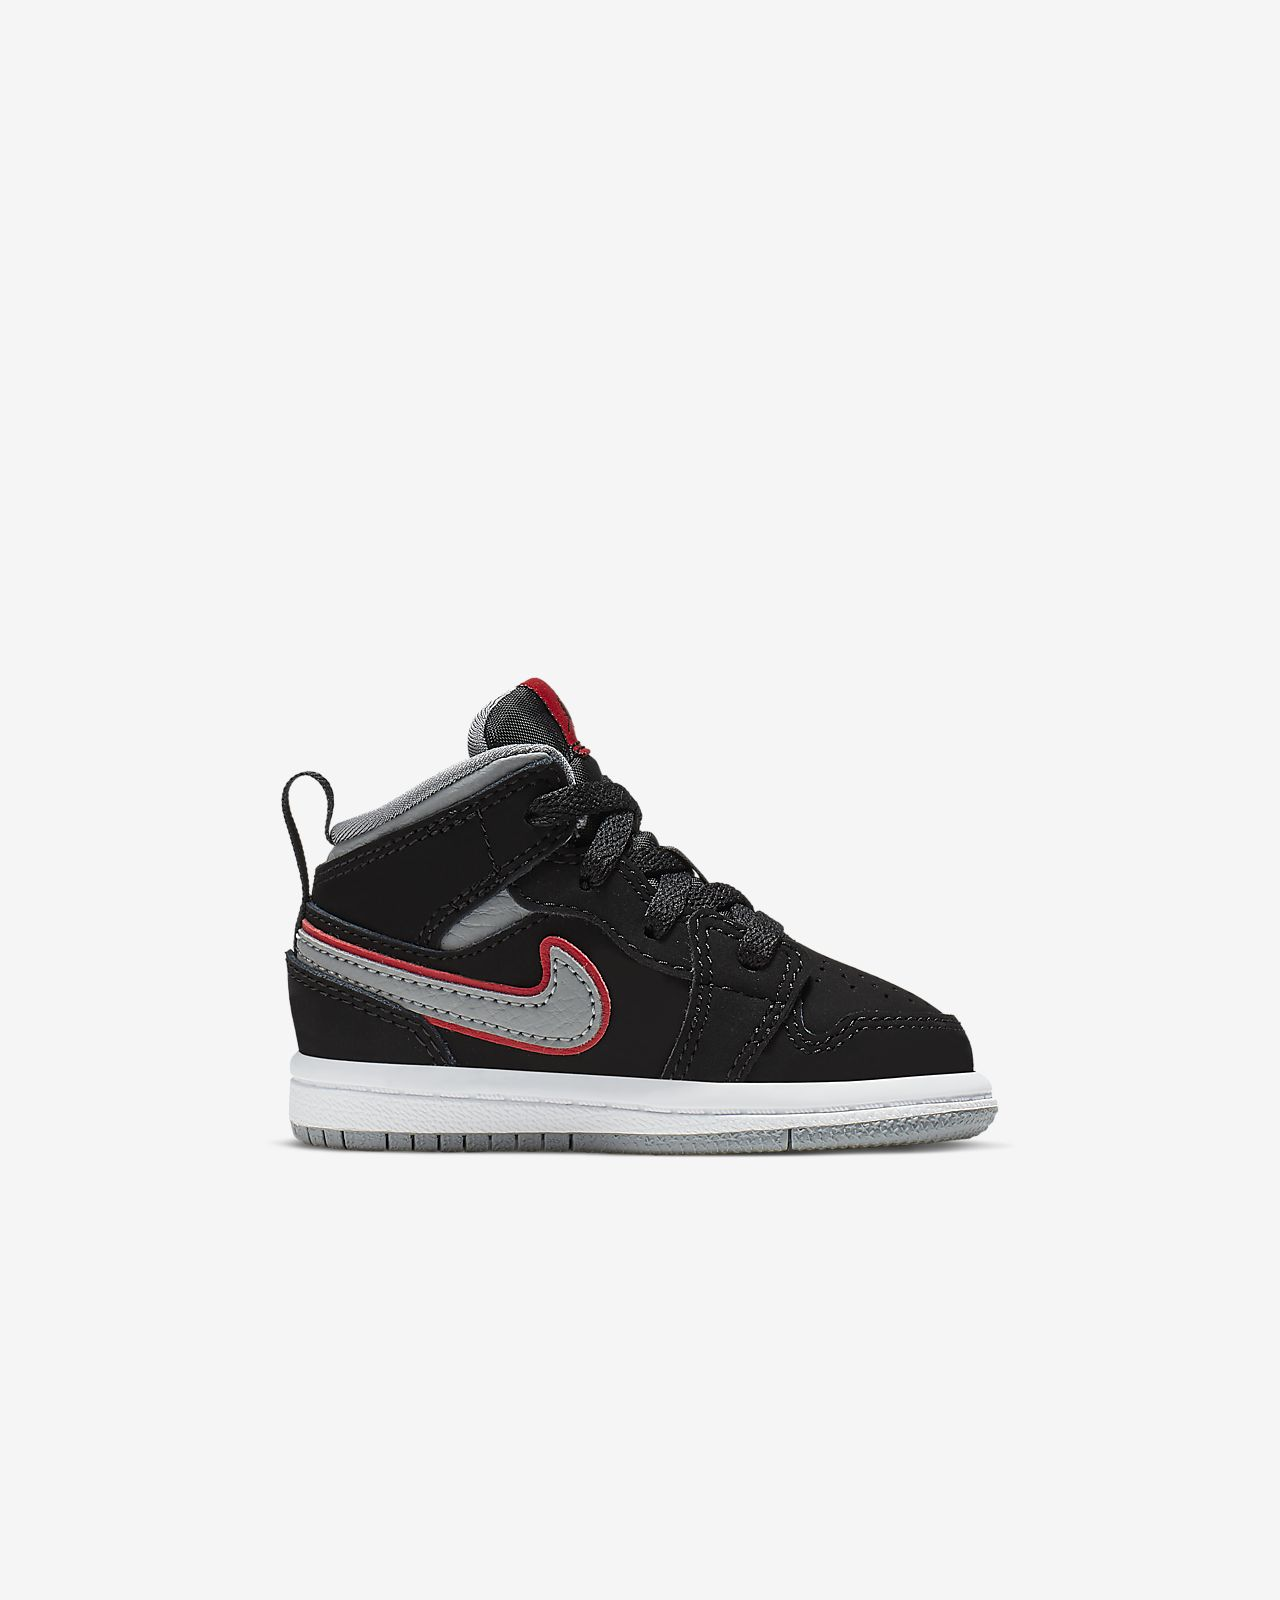 ef090facc Air Jordan 1 Mid Zapatillas - Bebé e infantil. Nike.com ES